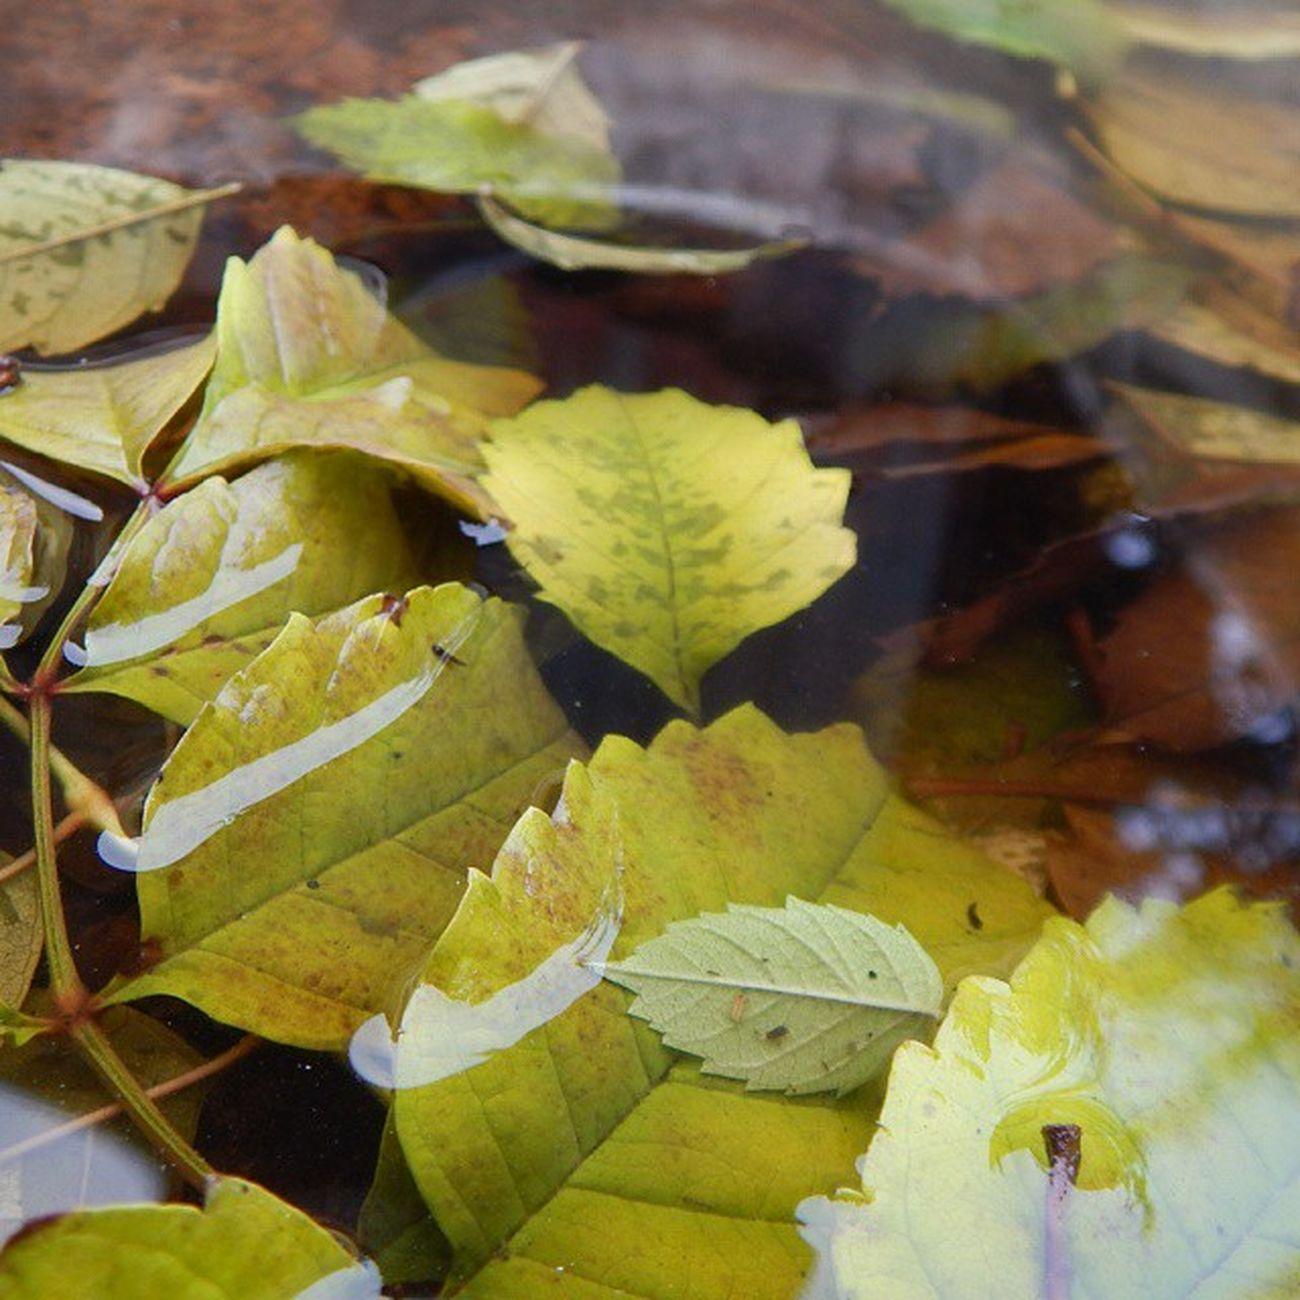 Осень это то время, когда в каждой луже видишь красоту) Николаев осень Природа прогулка Nikolaevgram Nikolaev Nature